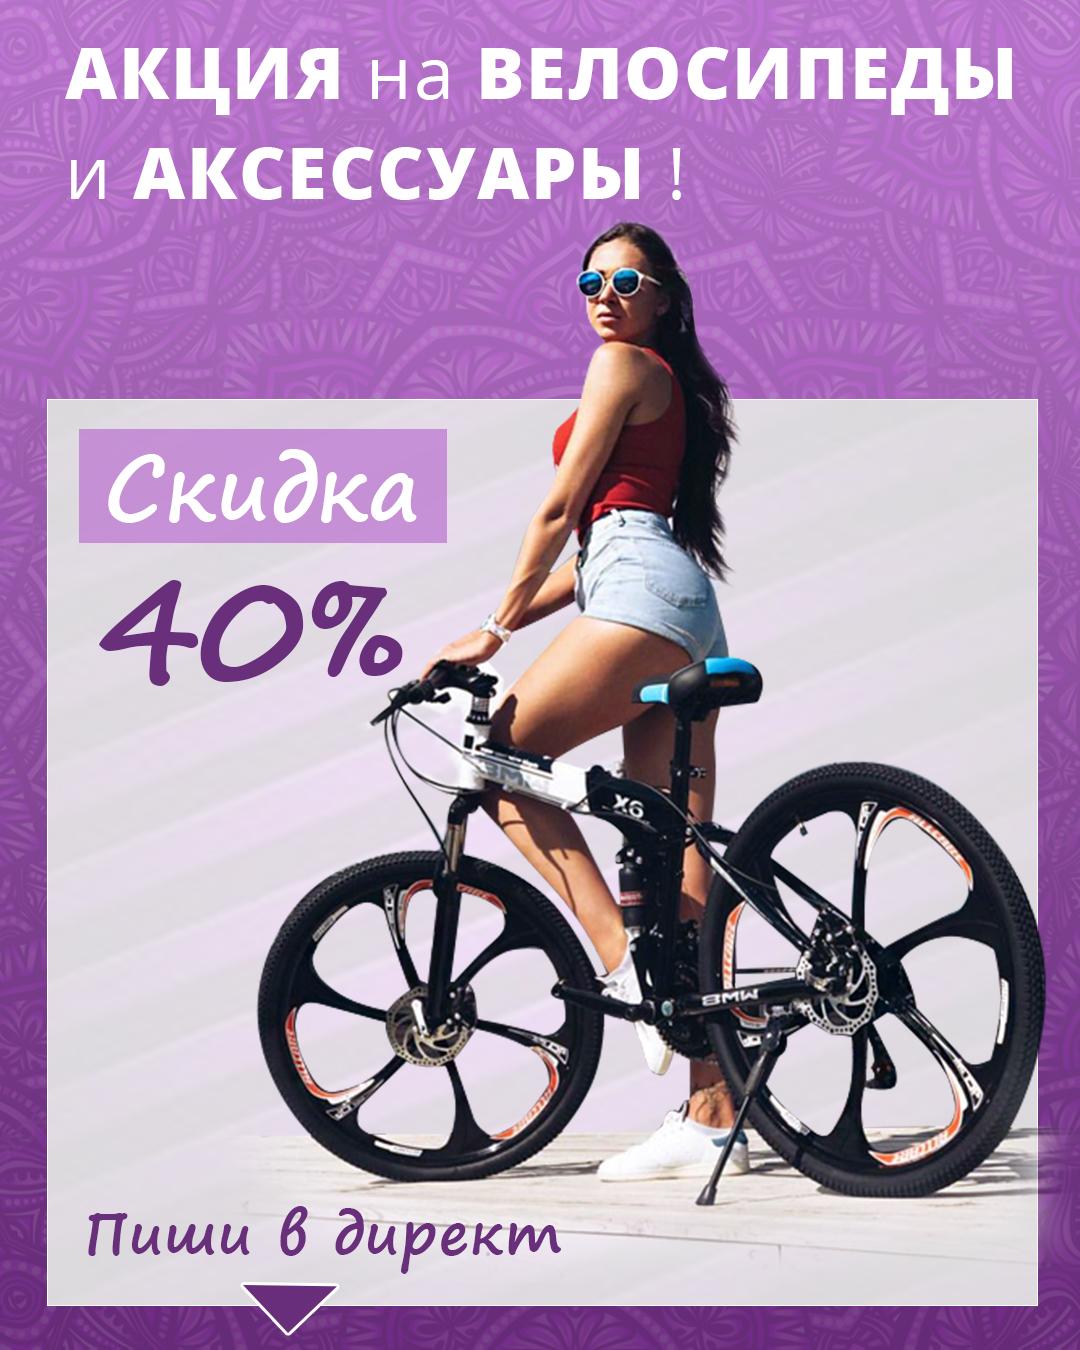 Фото Дизайн рекламного баннера для инстаграмма